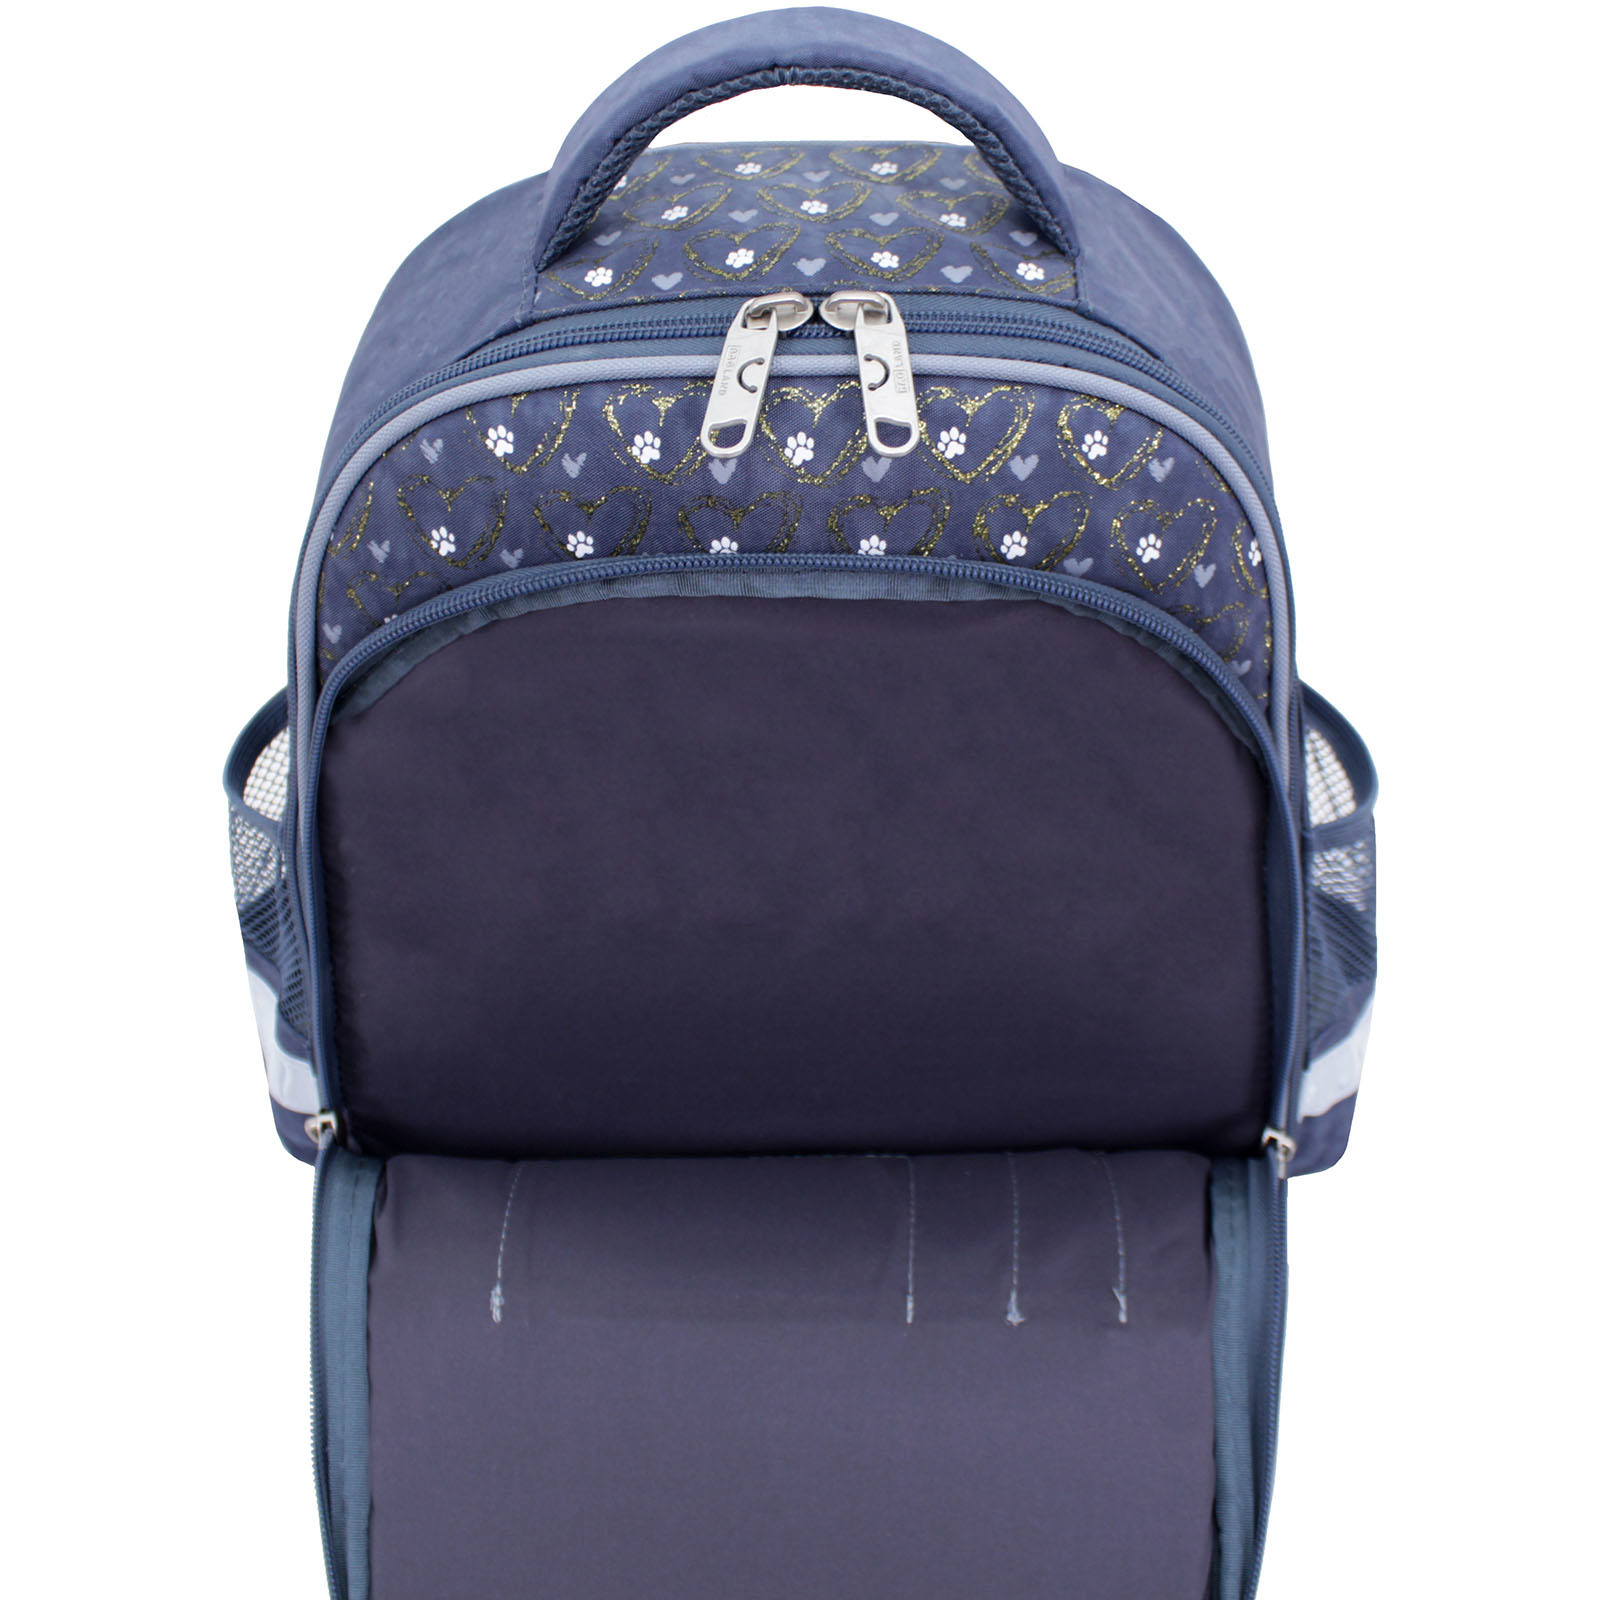 Рюкзак школьный Bagland Mouse 321 серый 165 (0051370) фото 4